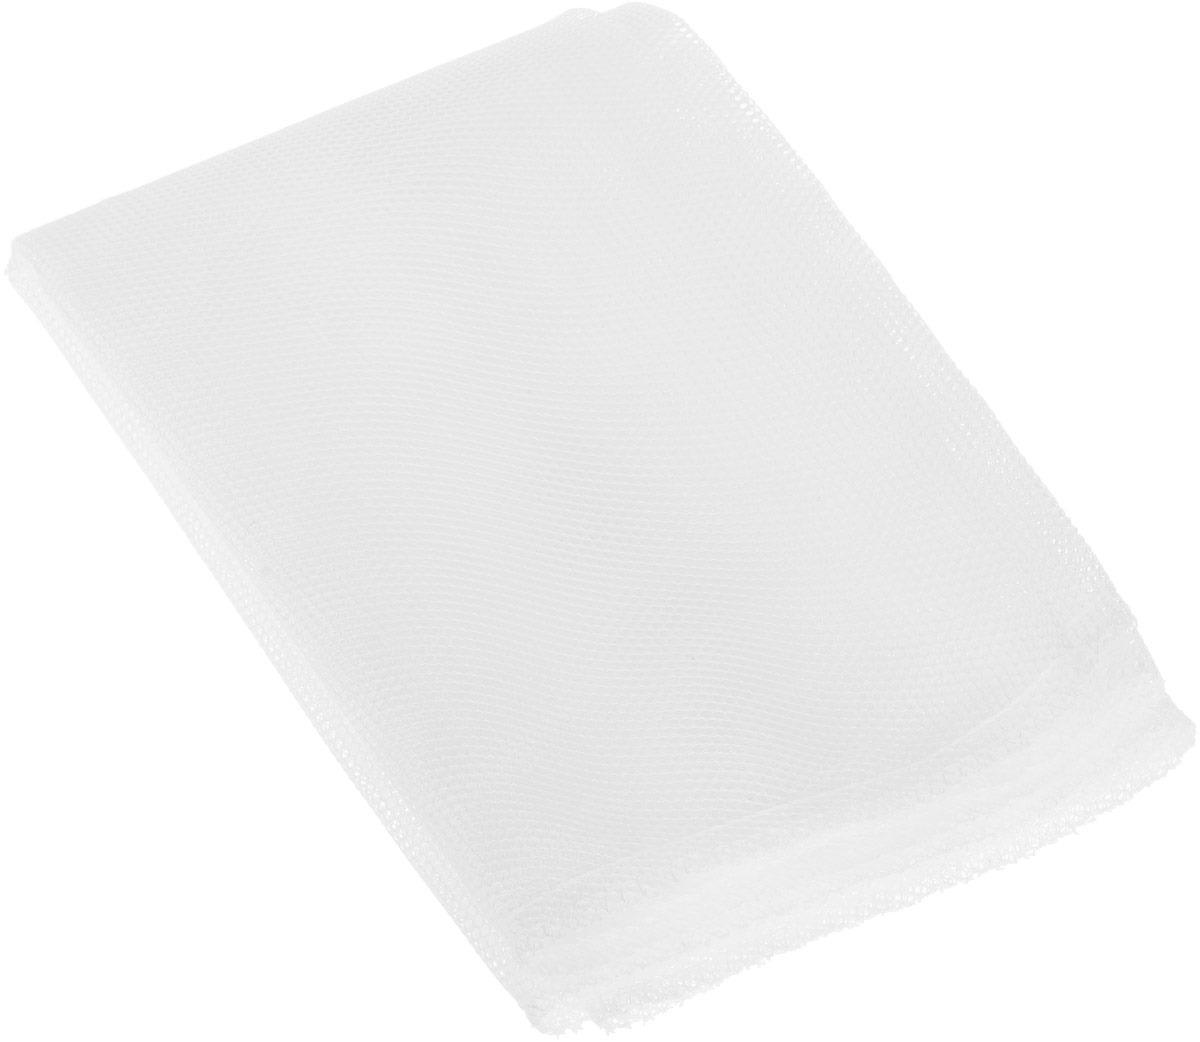 """Мешок для стирки белья Eva """"Макси"""" для стирки белья, на молнии, Е286, белый, 47 х 90 см"""